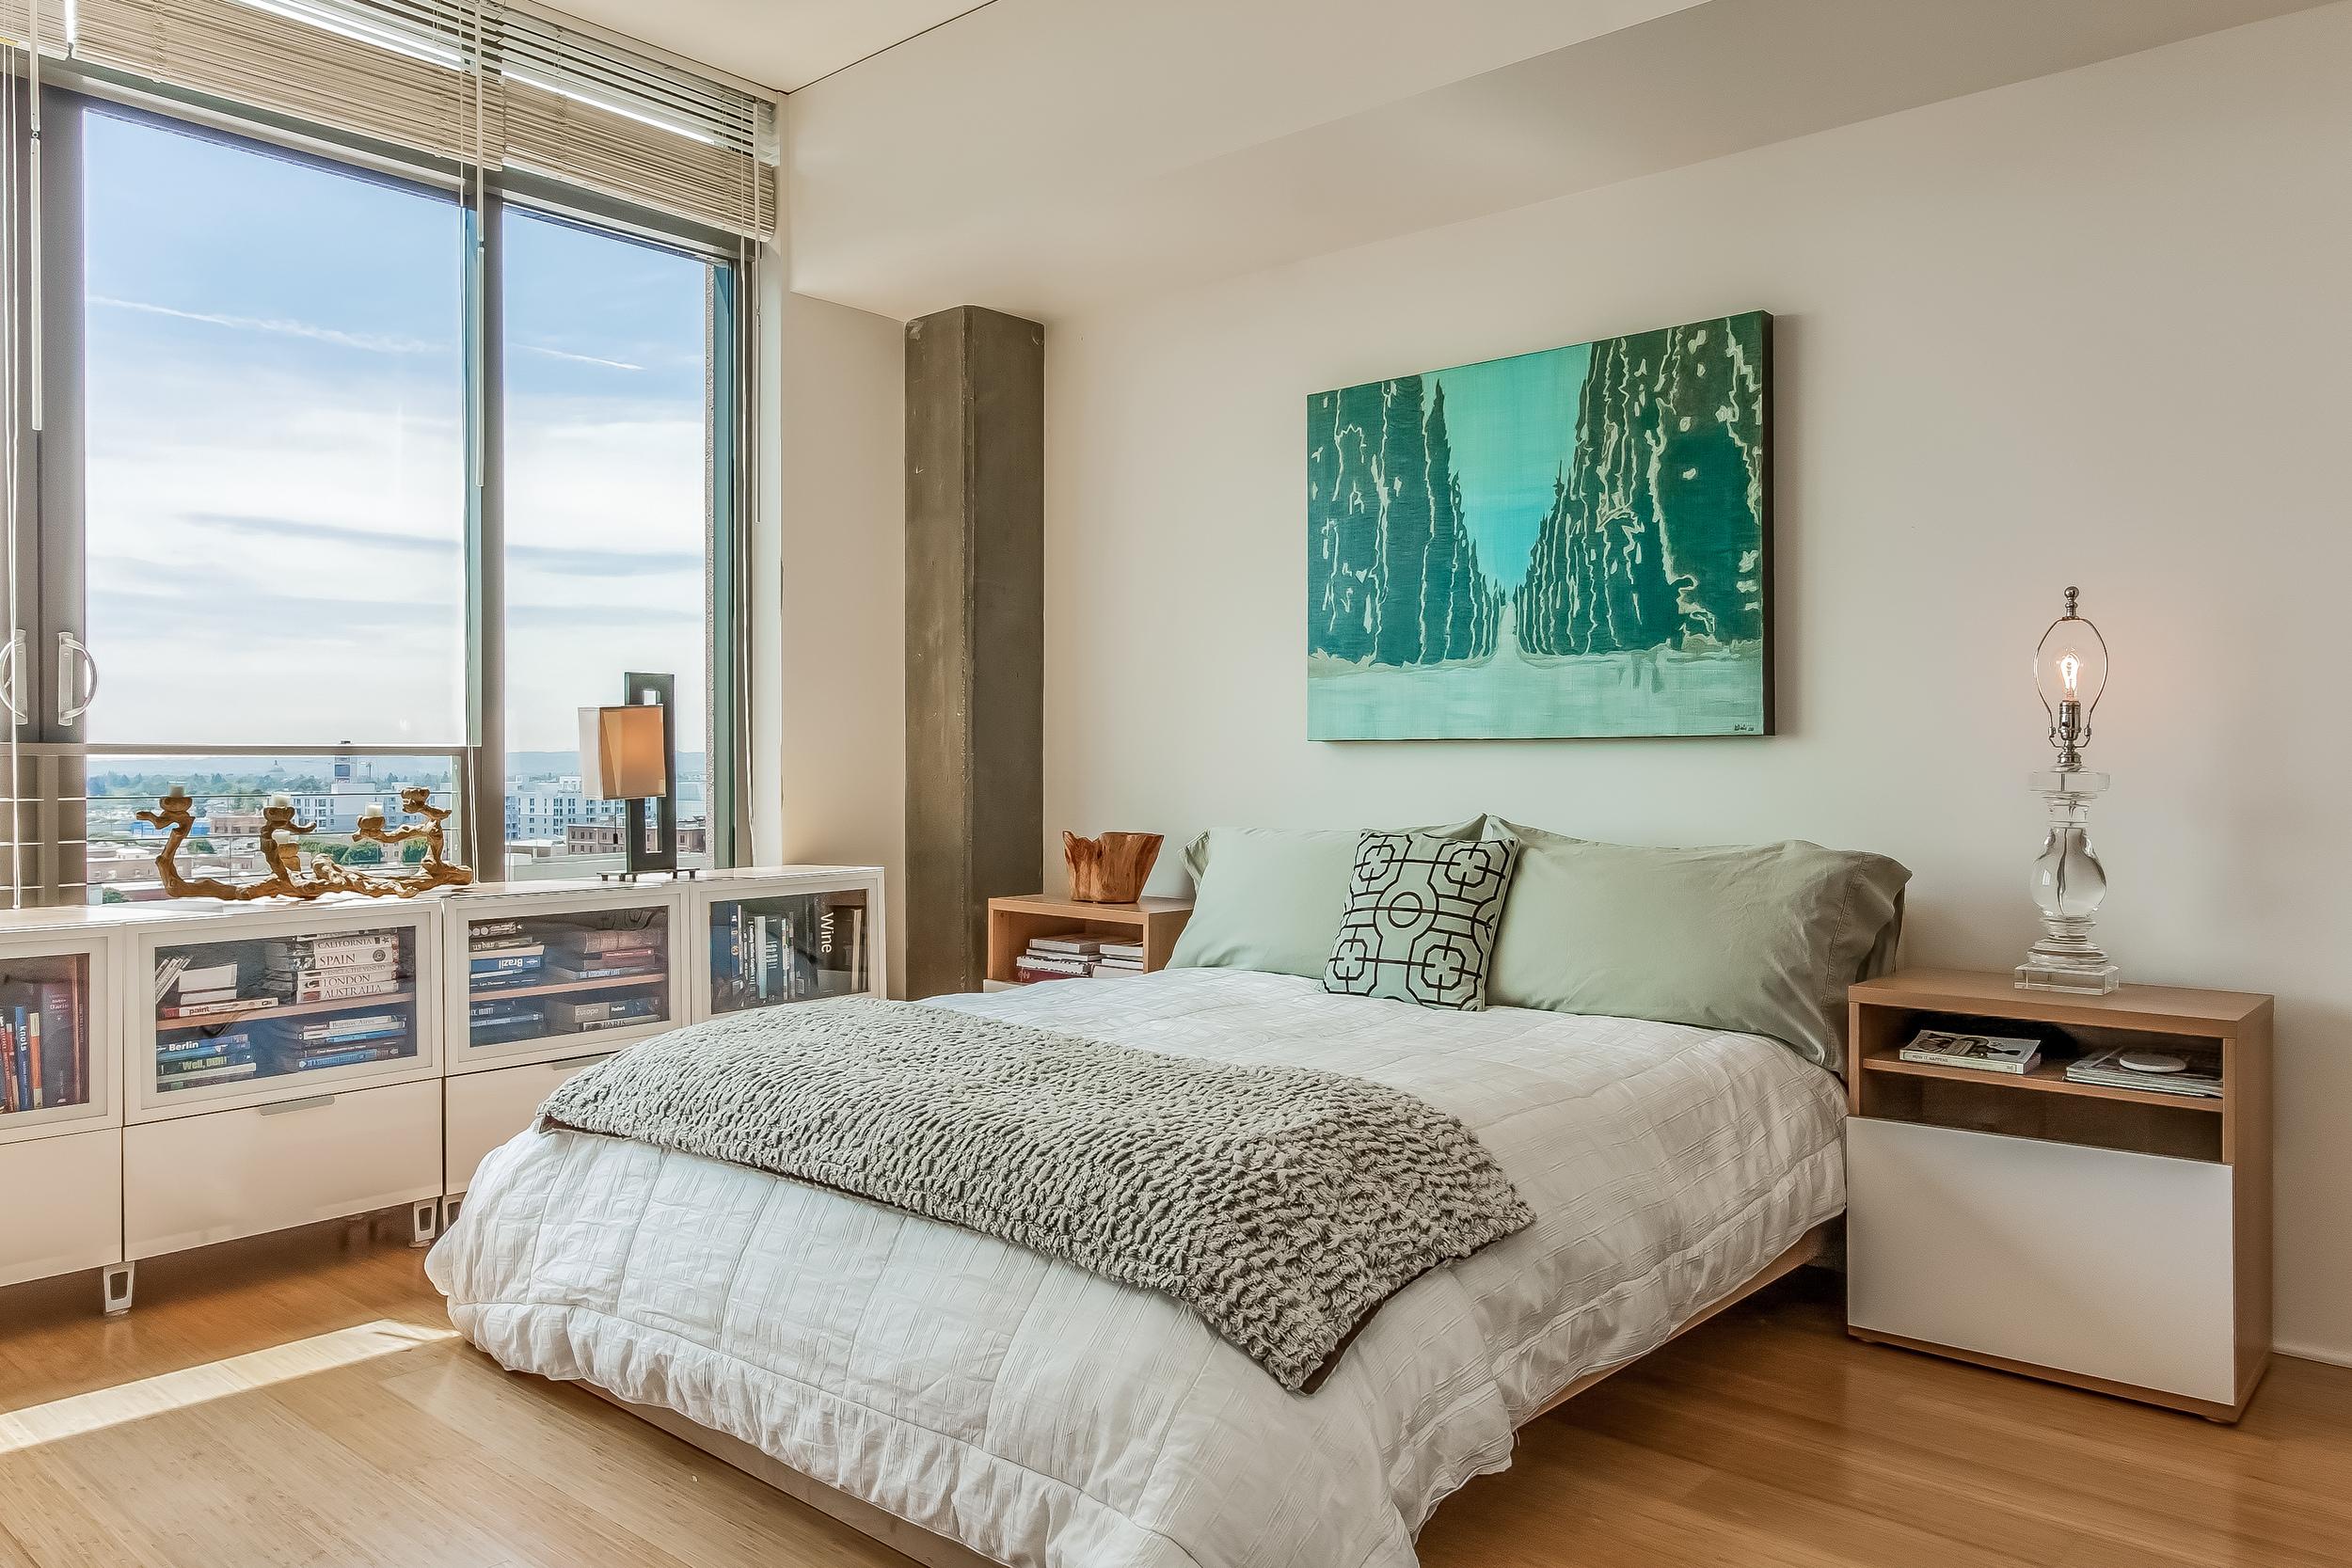 013-Bedroom-910820-large.jpg